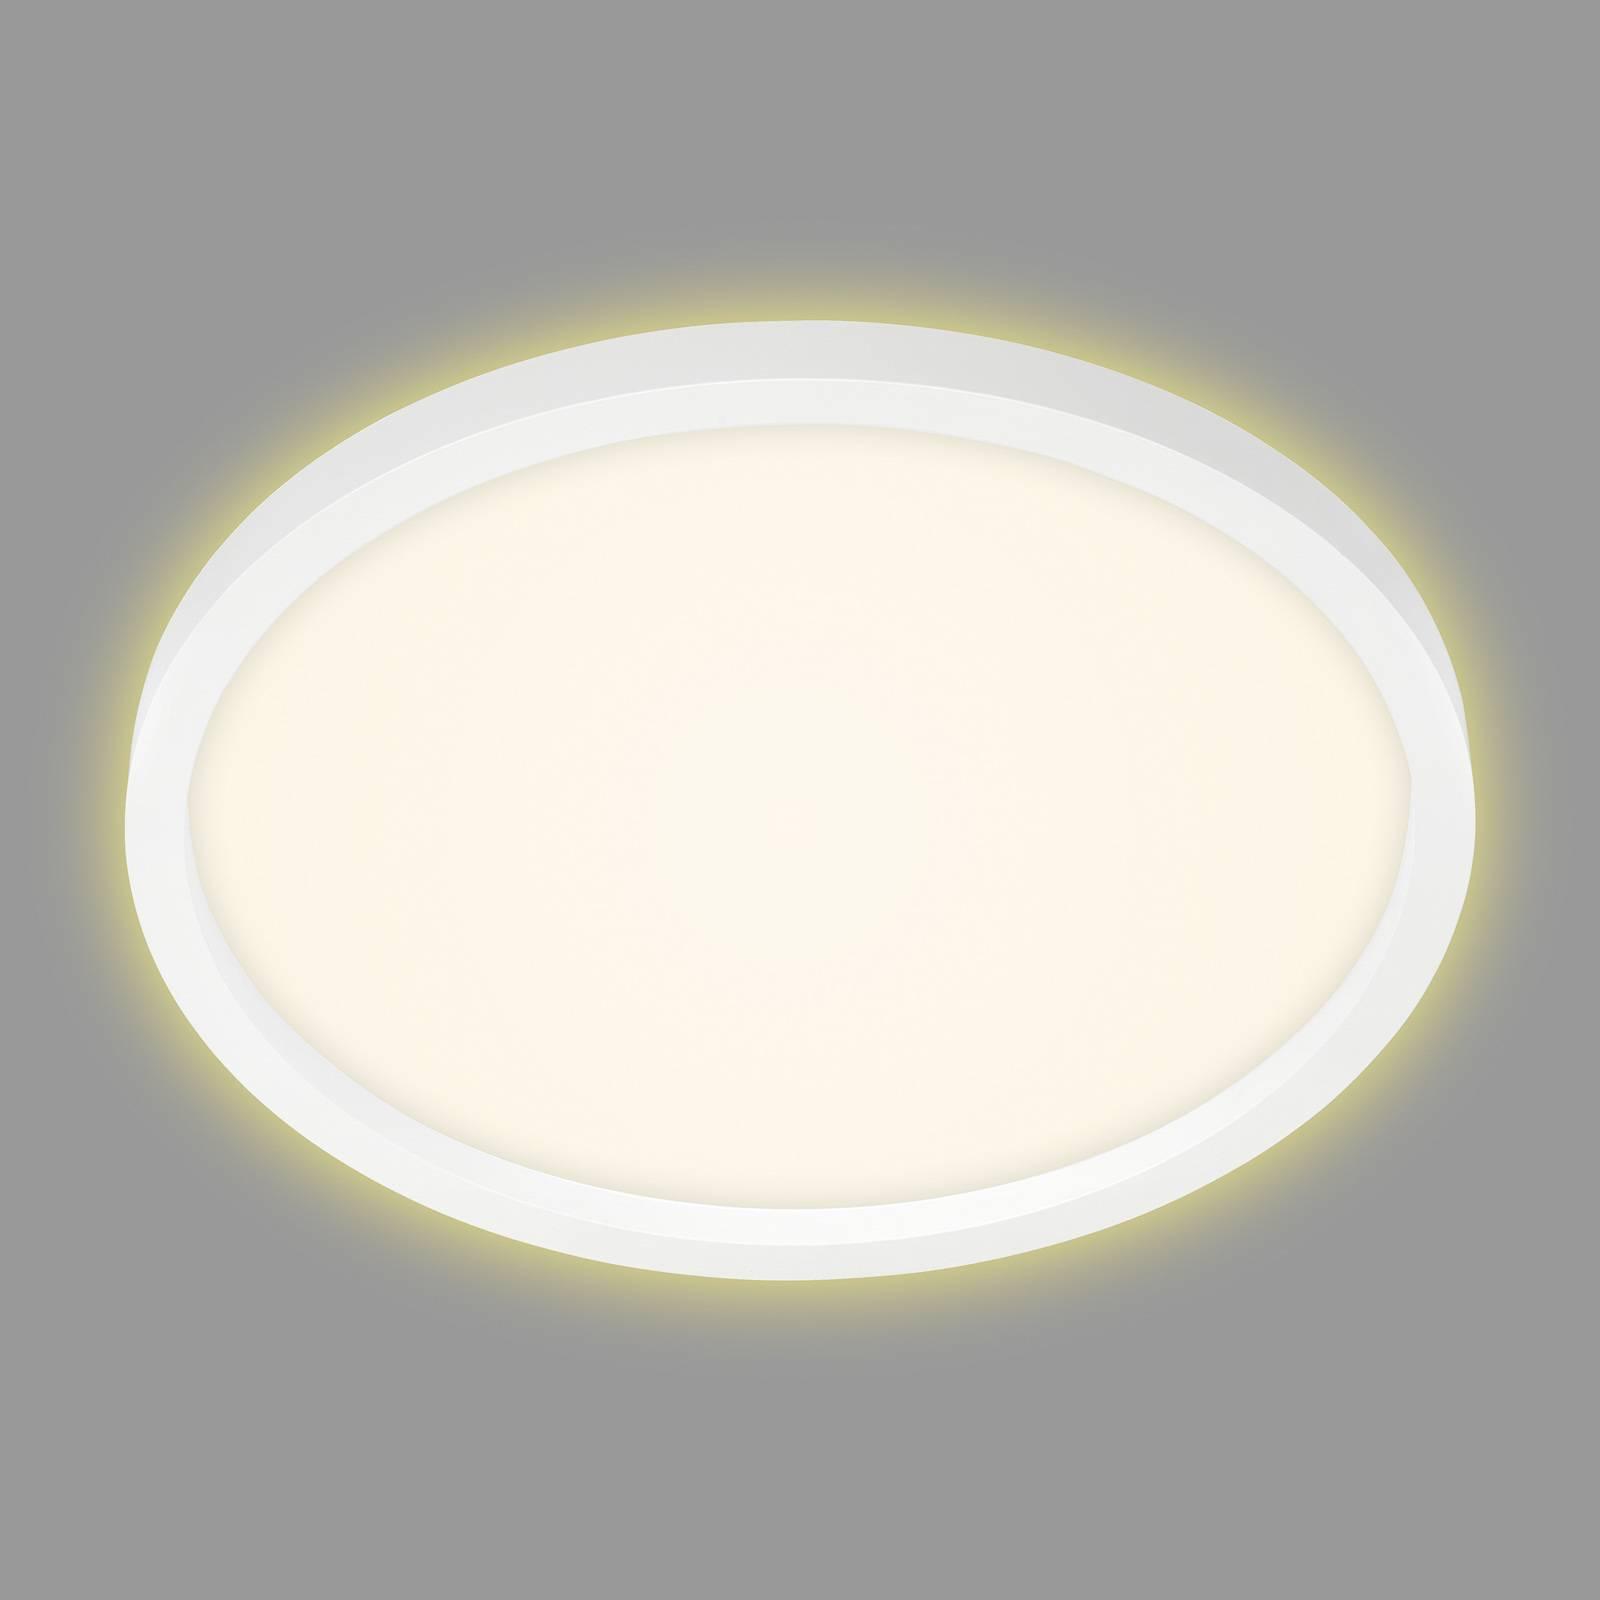 LED-kattovalaisin 7363, Ø 42 cm, valkoinen